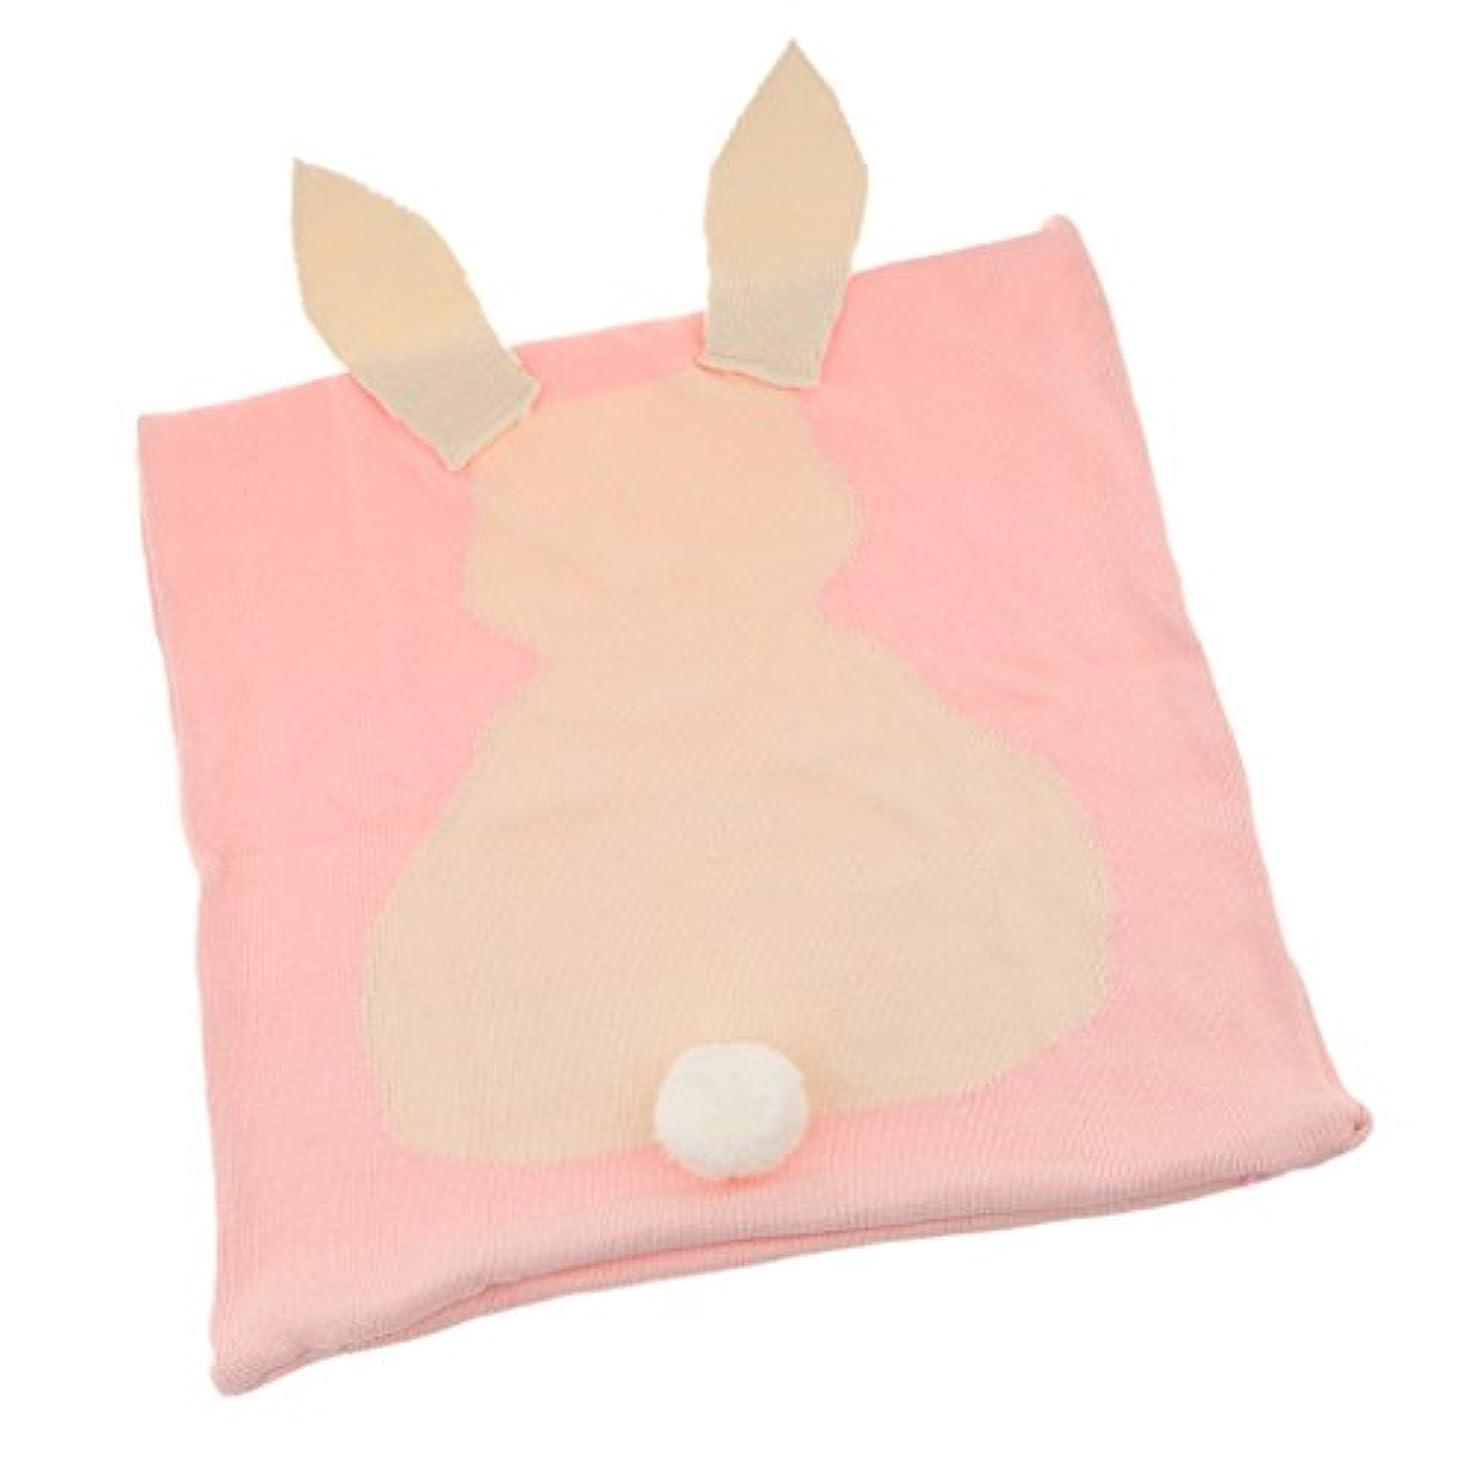 アプライアンスカスタムやけど綿 ニット 癒し ウサギ ピローケース ソファ ベッド クッション カバー 枕カバー - ピンク